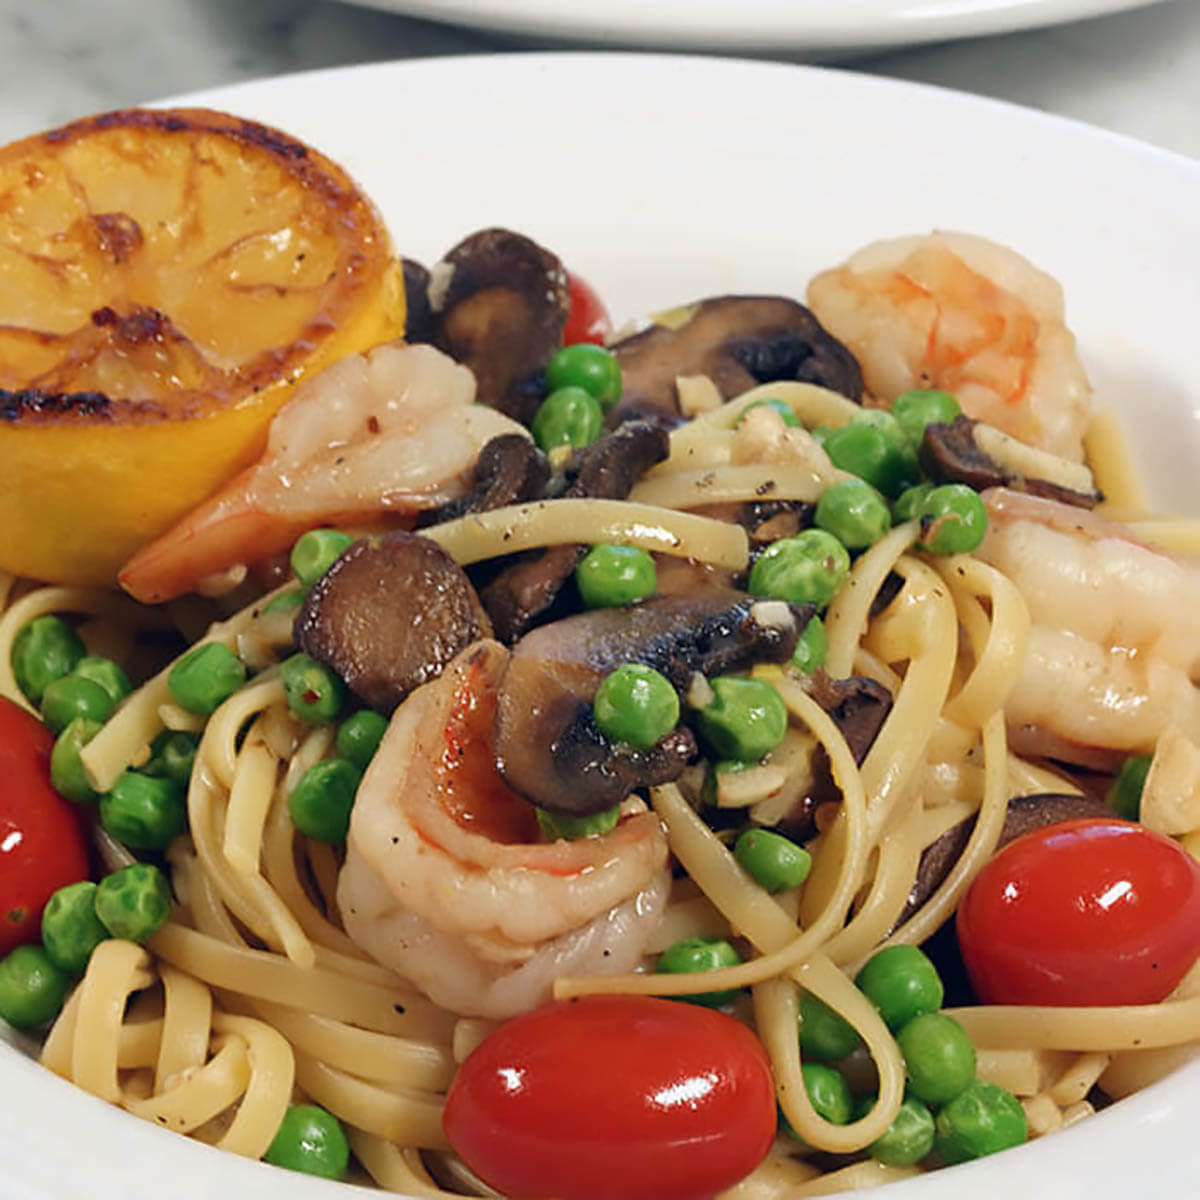 Shrimp Scampi Linguine loaded with vegetables in white bowl.